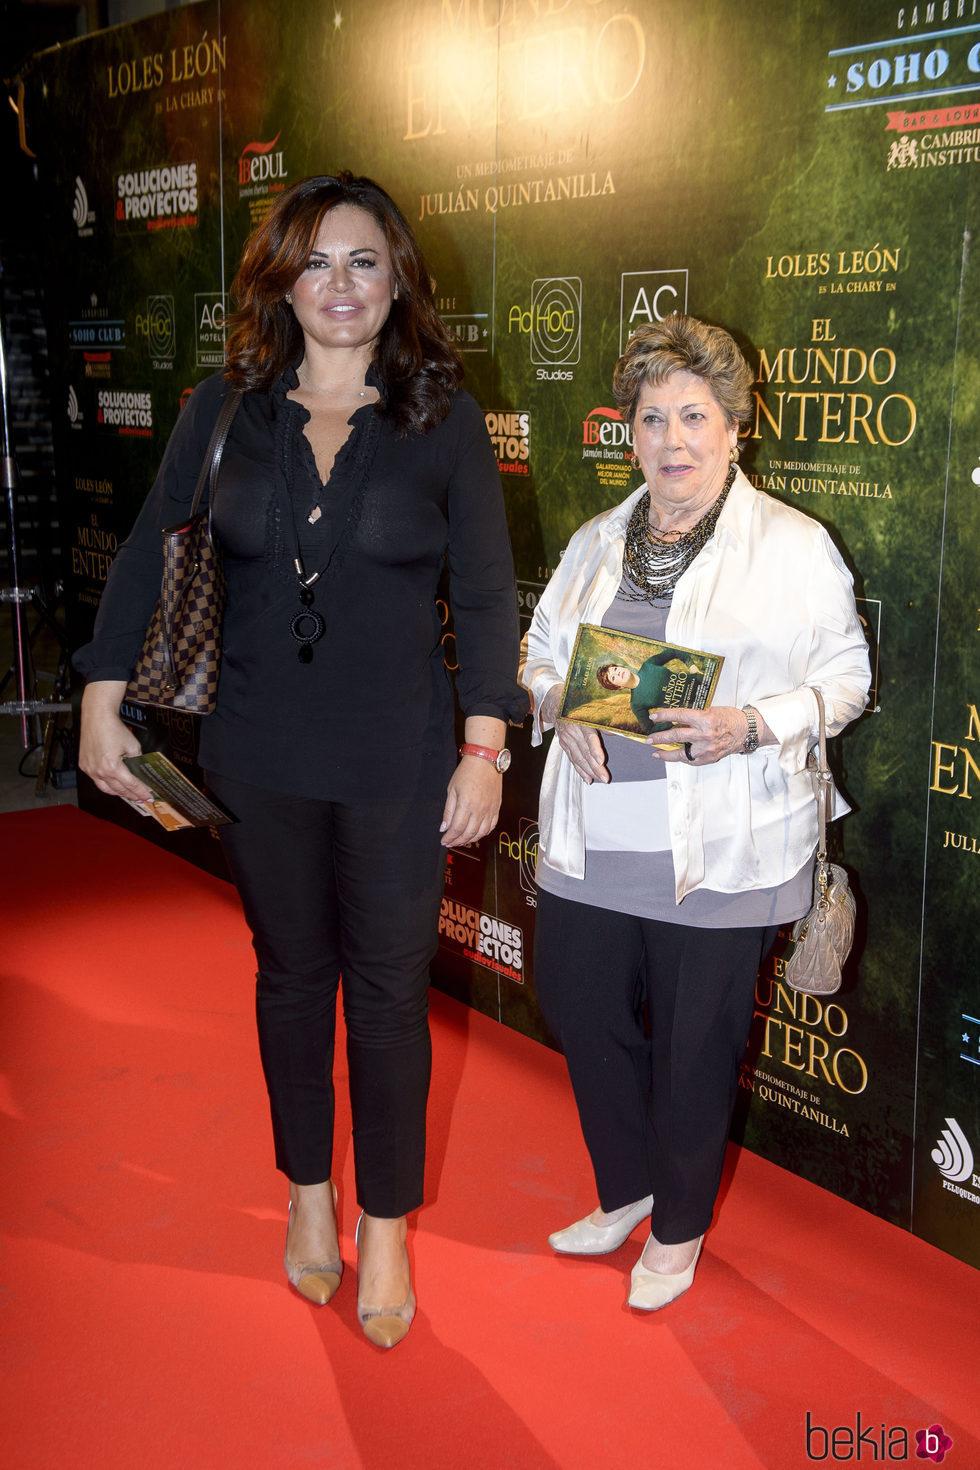 Teresa Bueyes y Paloma Gómez Borrego en el estreno de 'El mundo entero'